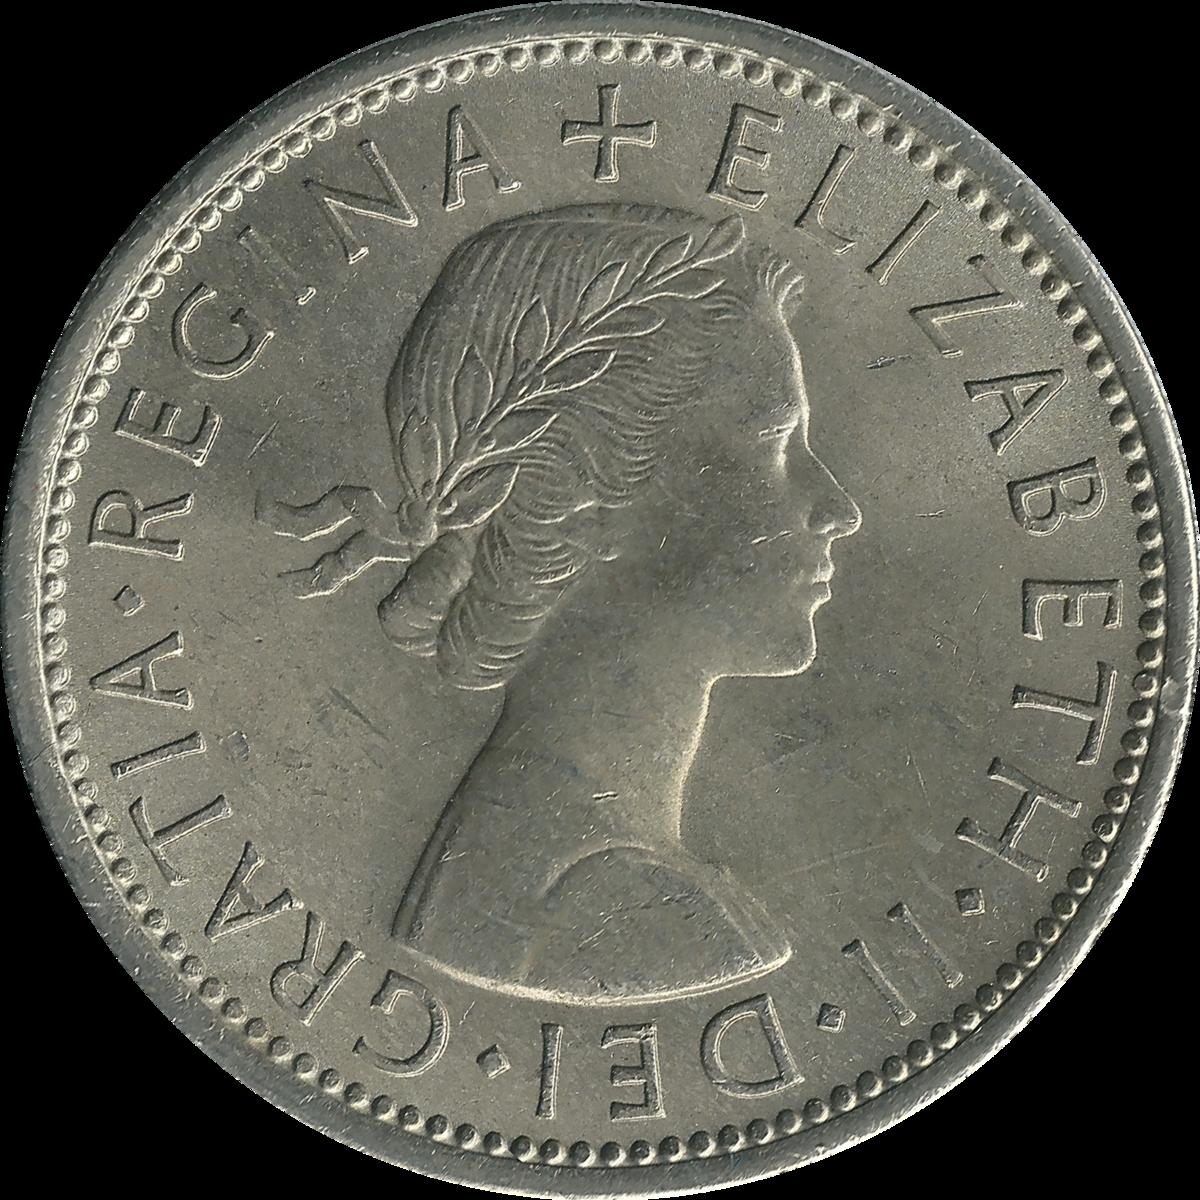 Florin (British coin) - Wikipedia